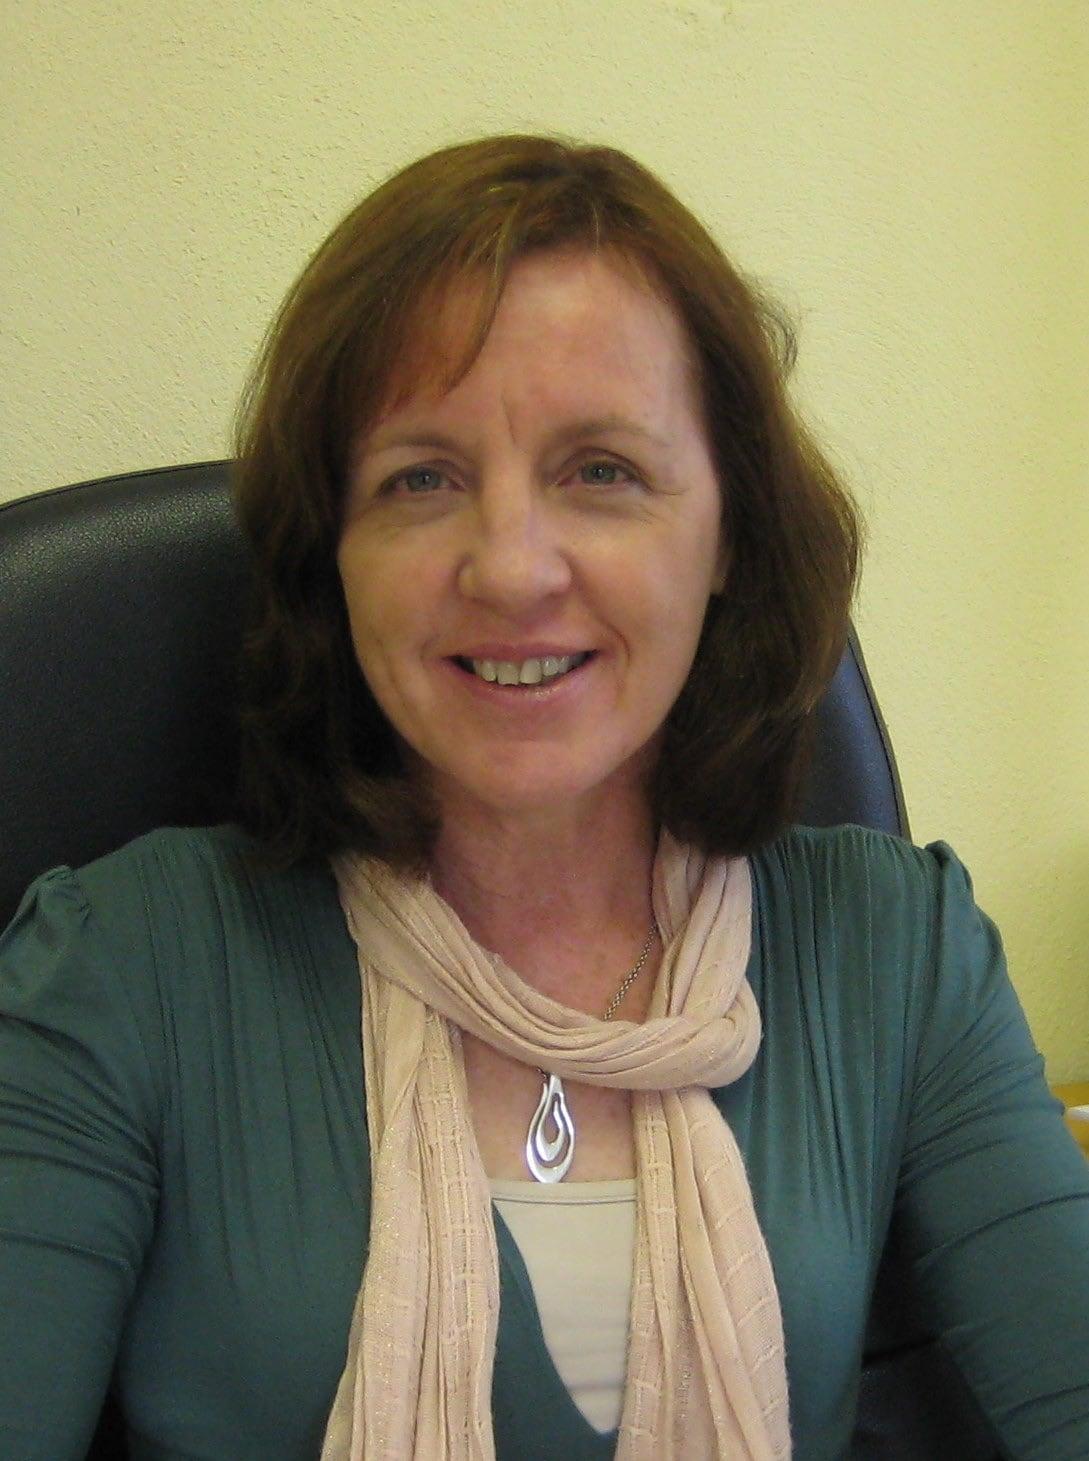 Siobhan From Bandon, Ireland